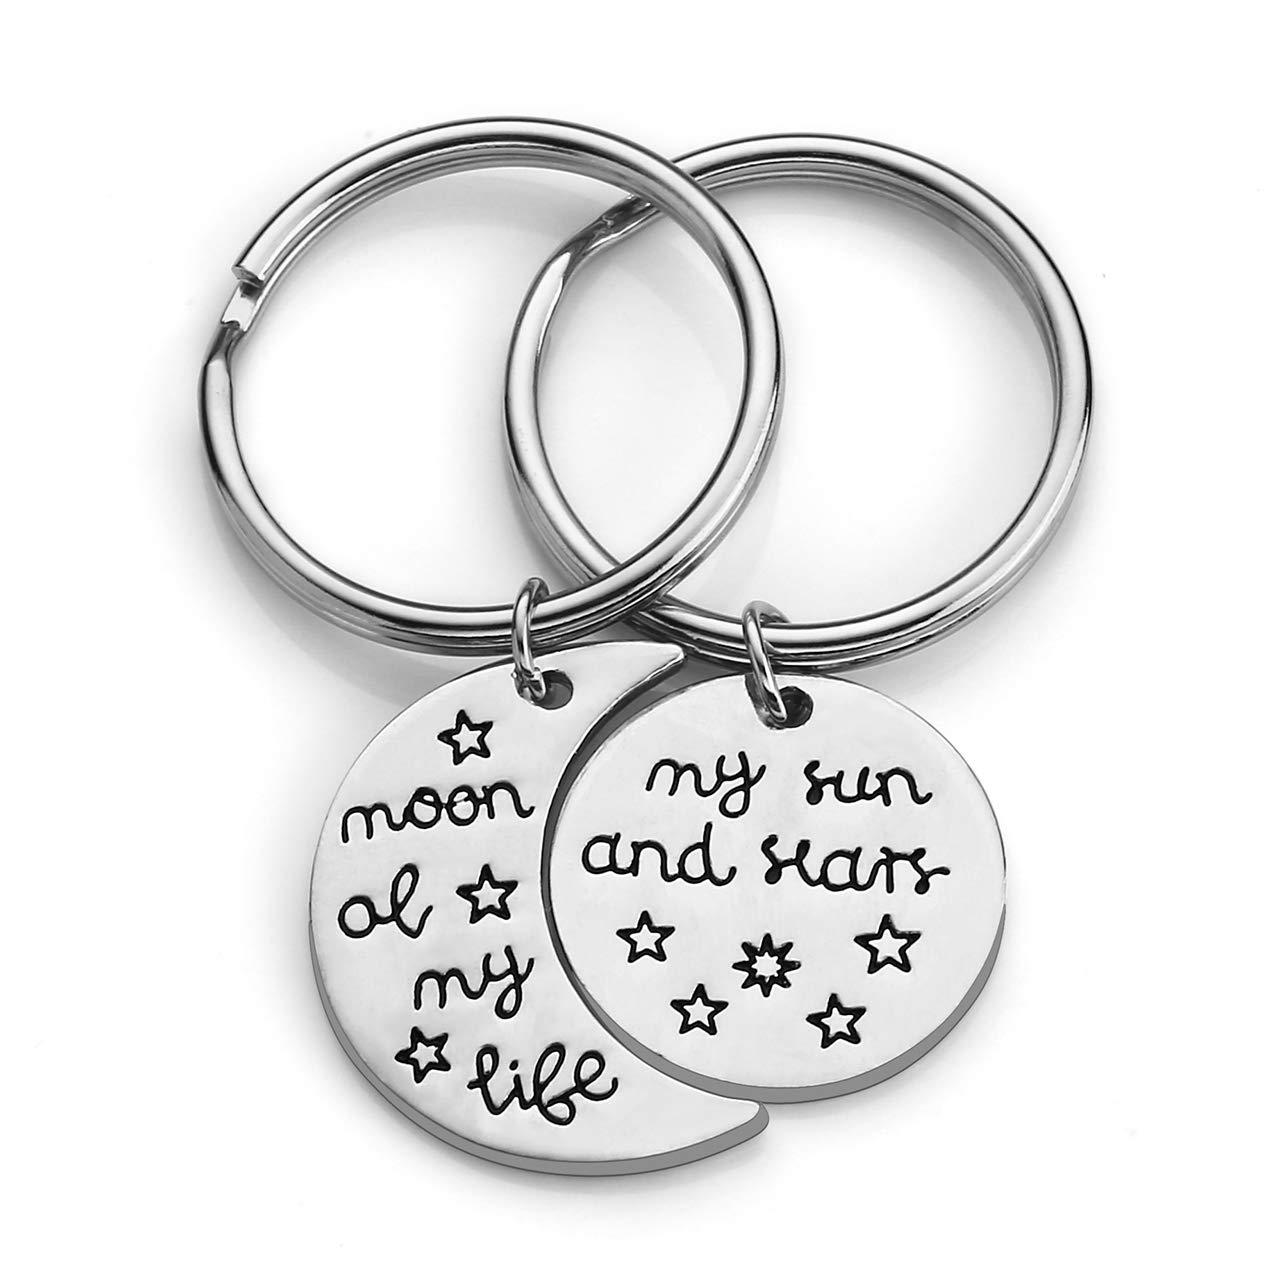 Plateado - TTUK4992 Couples Keyrings Color Plateado Llavero para Parejas con dise/ño de Luna de mi Vida y Estrellas Jovivi